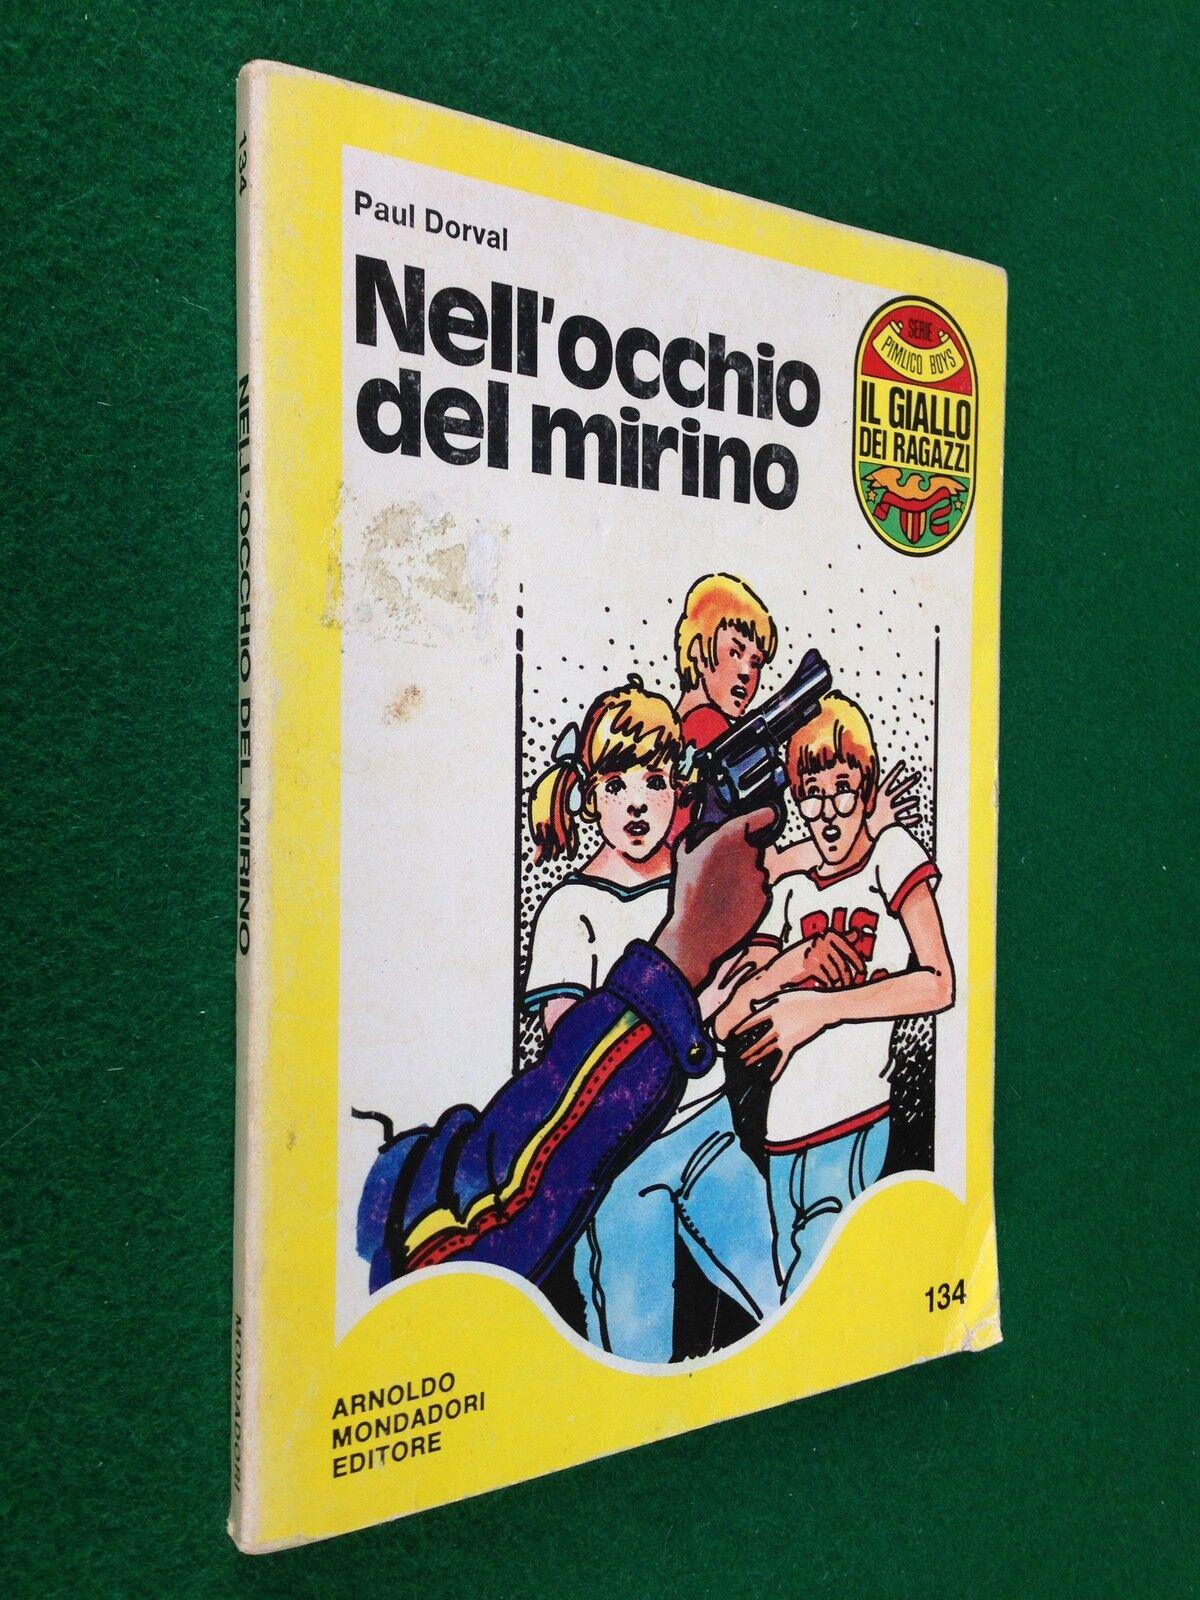 PAUL DORVAL: NELL'OCCHIO DEL MIRINO